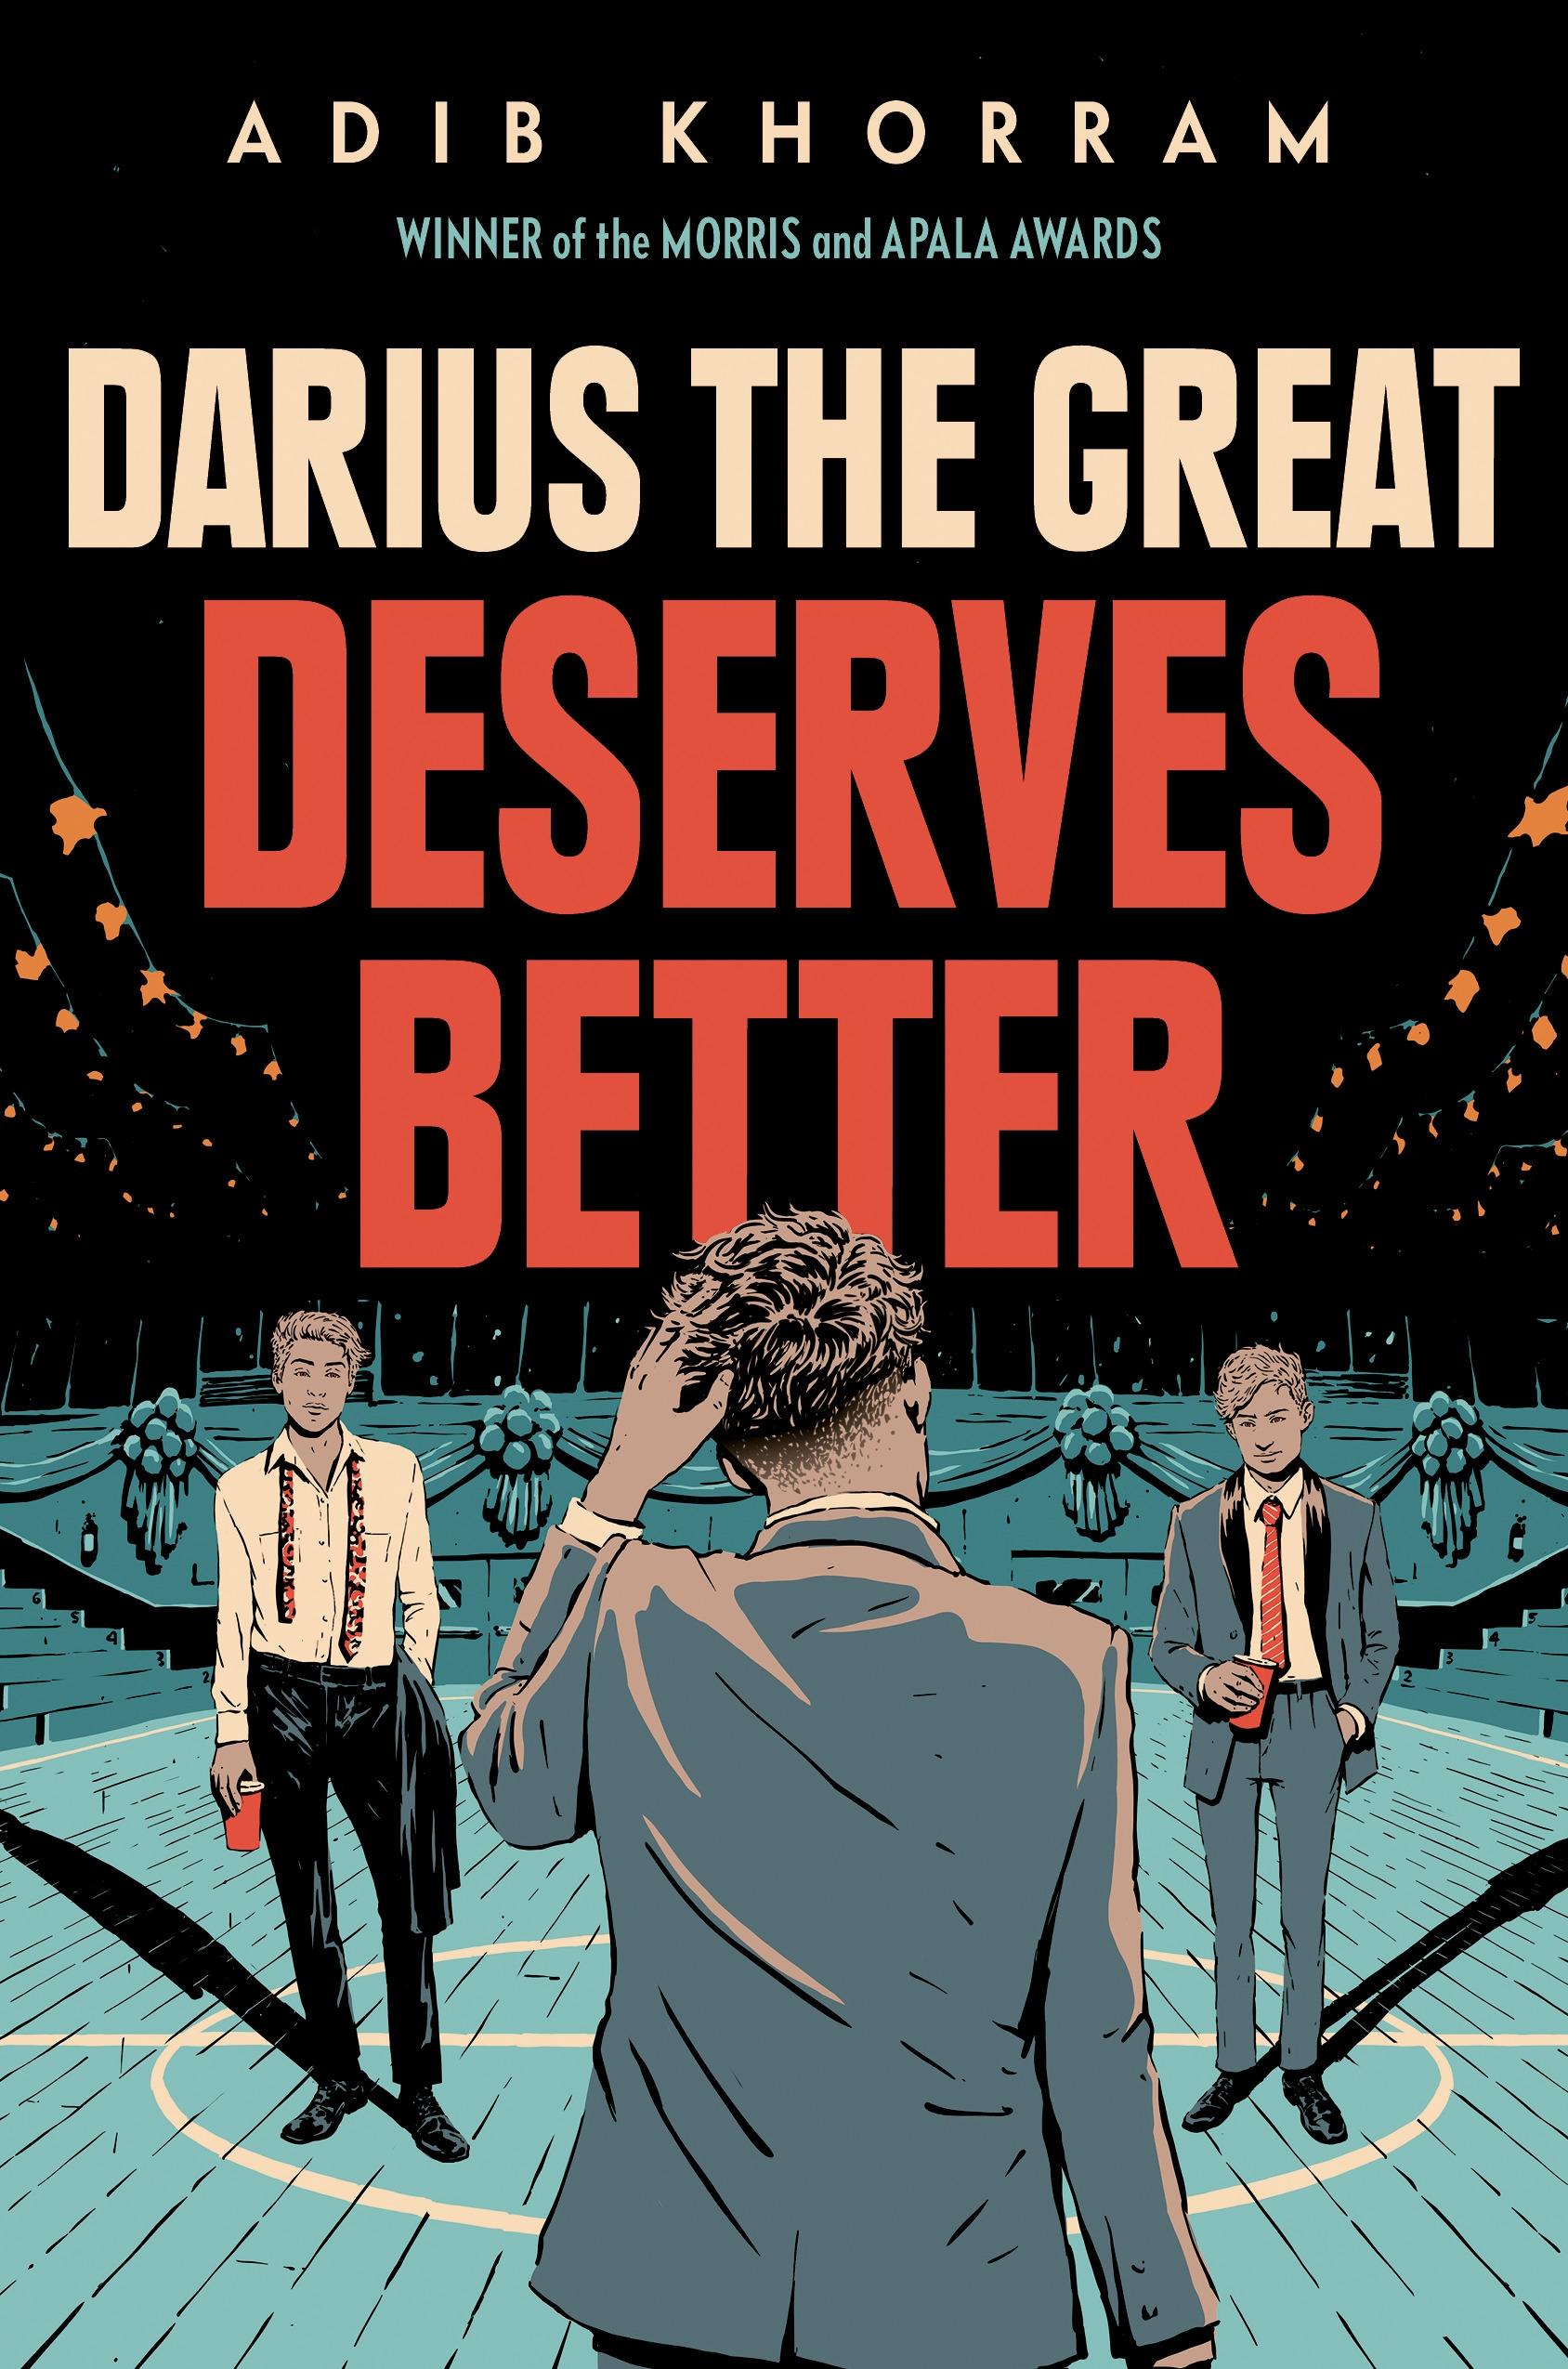 Darius the Great Deserves Better by Adib Khorram